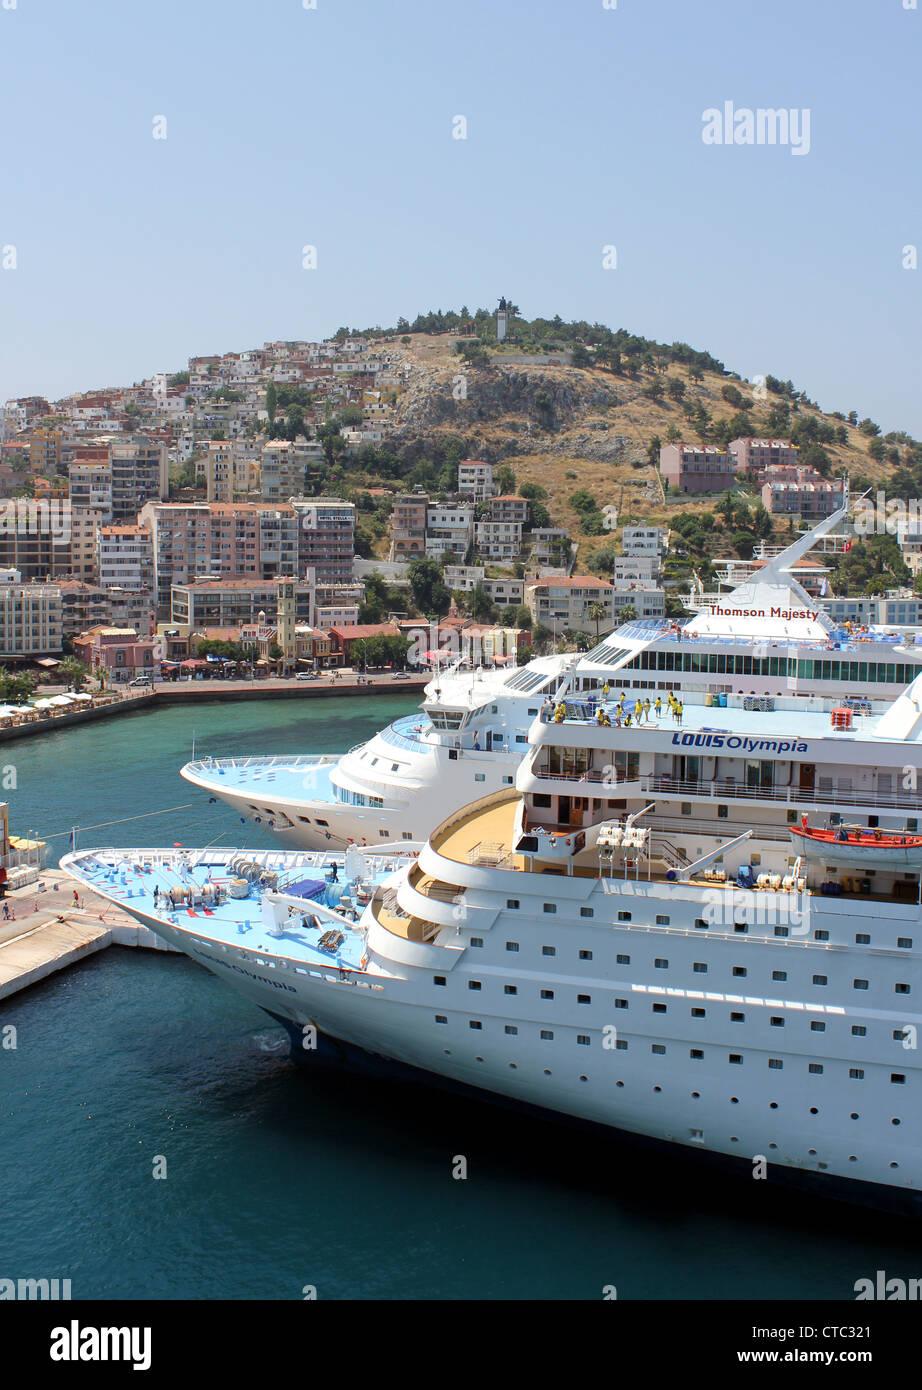 Cruise ships docked at Kusadasi, Louis Olympia and Thomson Majesty, Kusadasi, Turkey - Stock Image